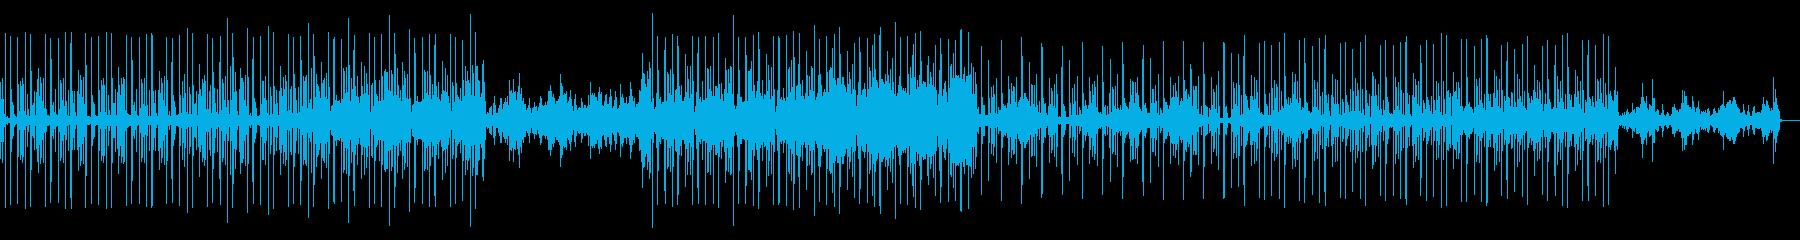 シンセのアルペジオとダンサブルなビートの再生済みの波形